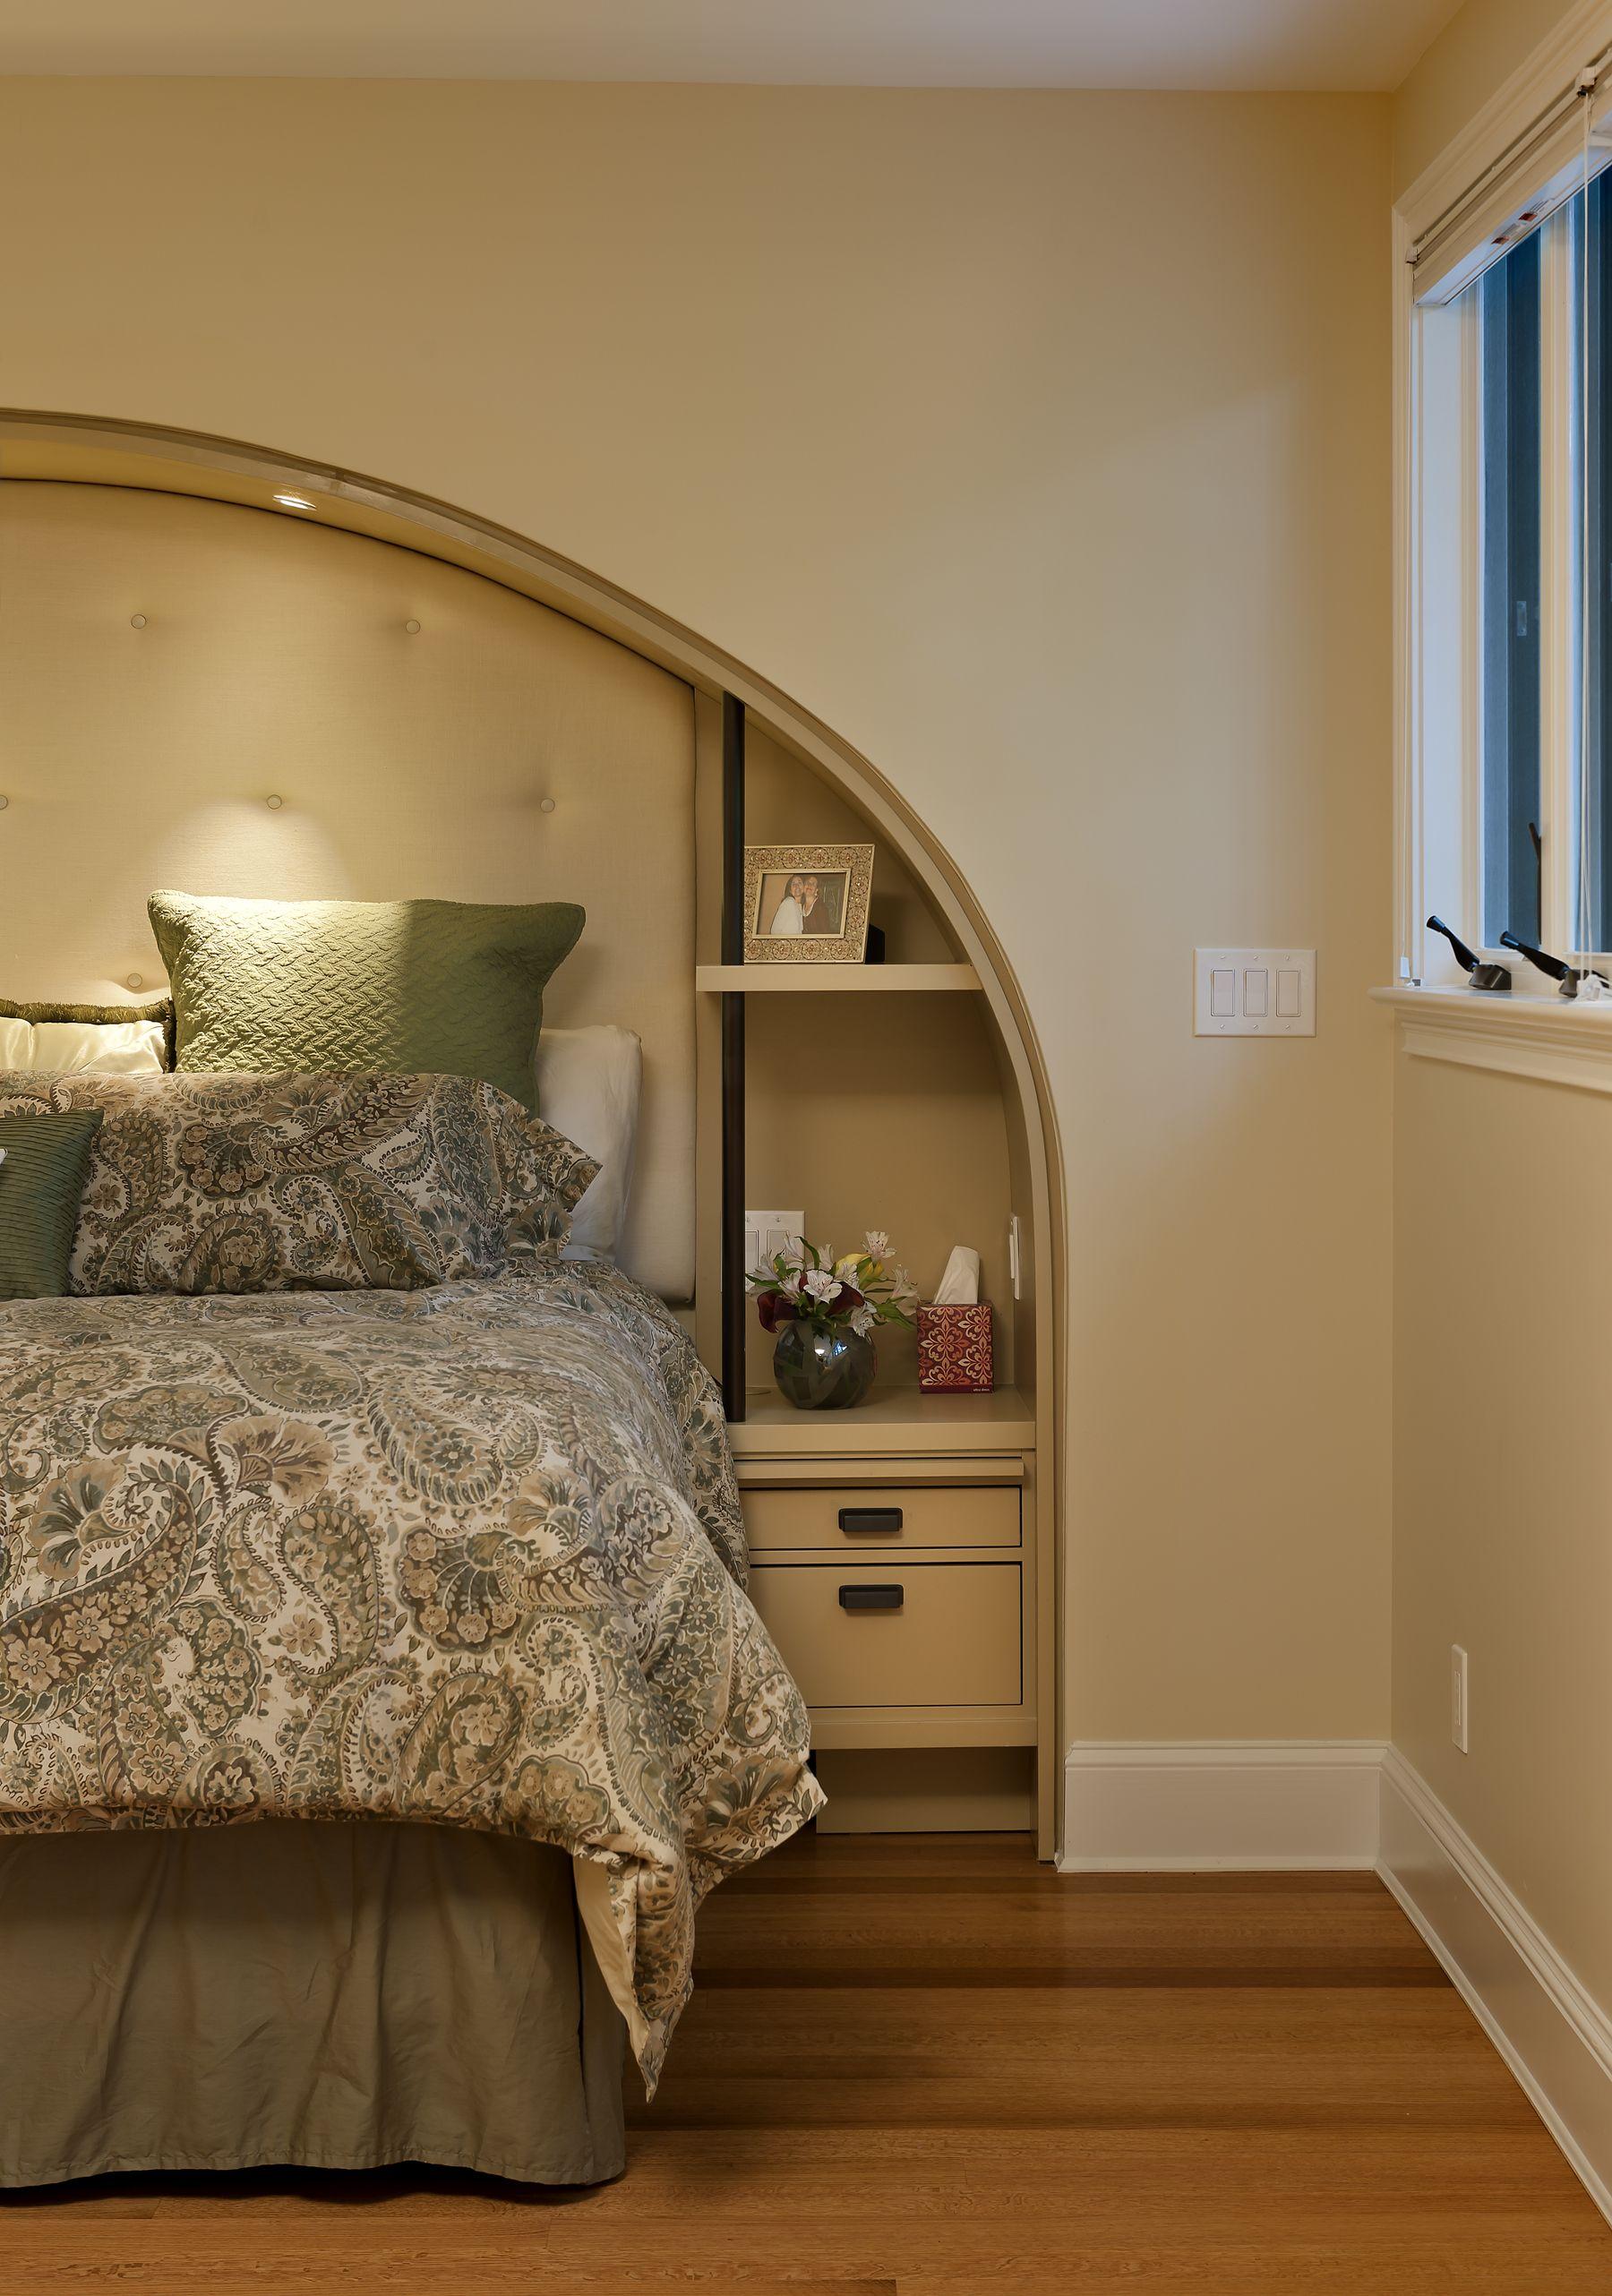 Master Bedroom Inset Bed + Recessed Lights Restful